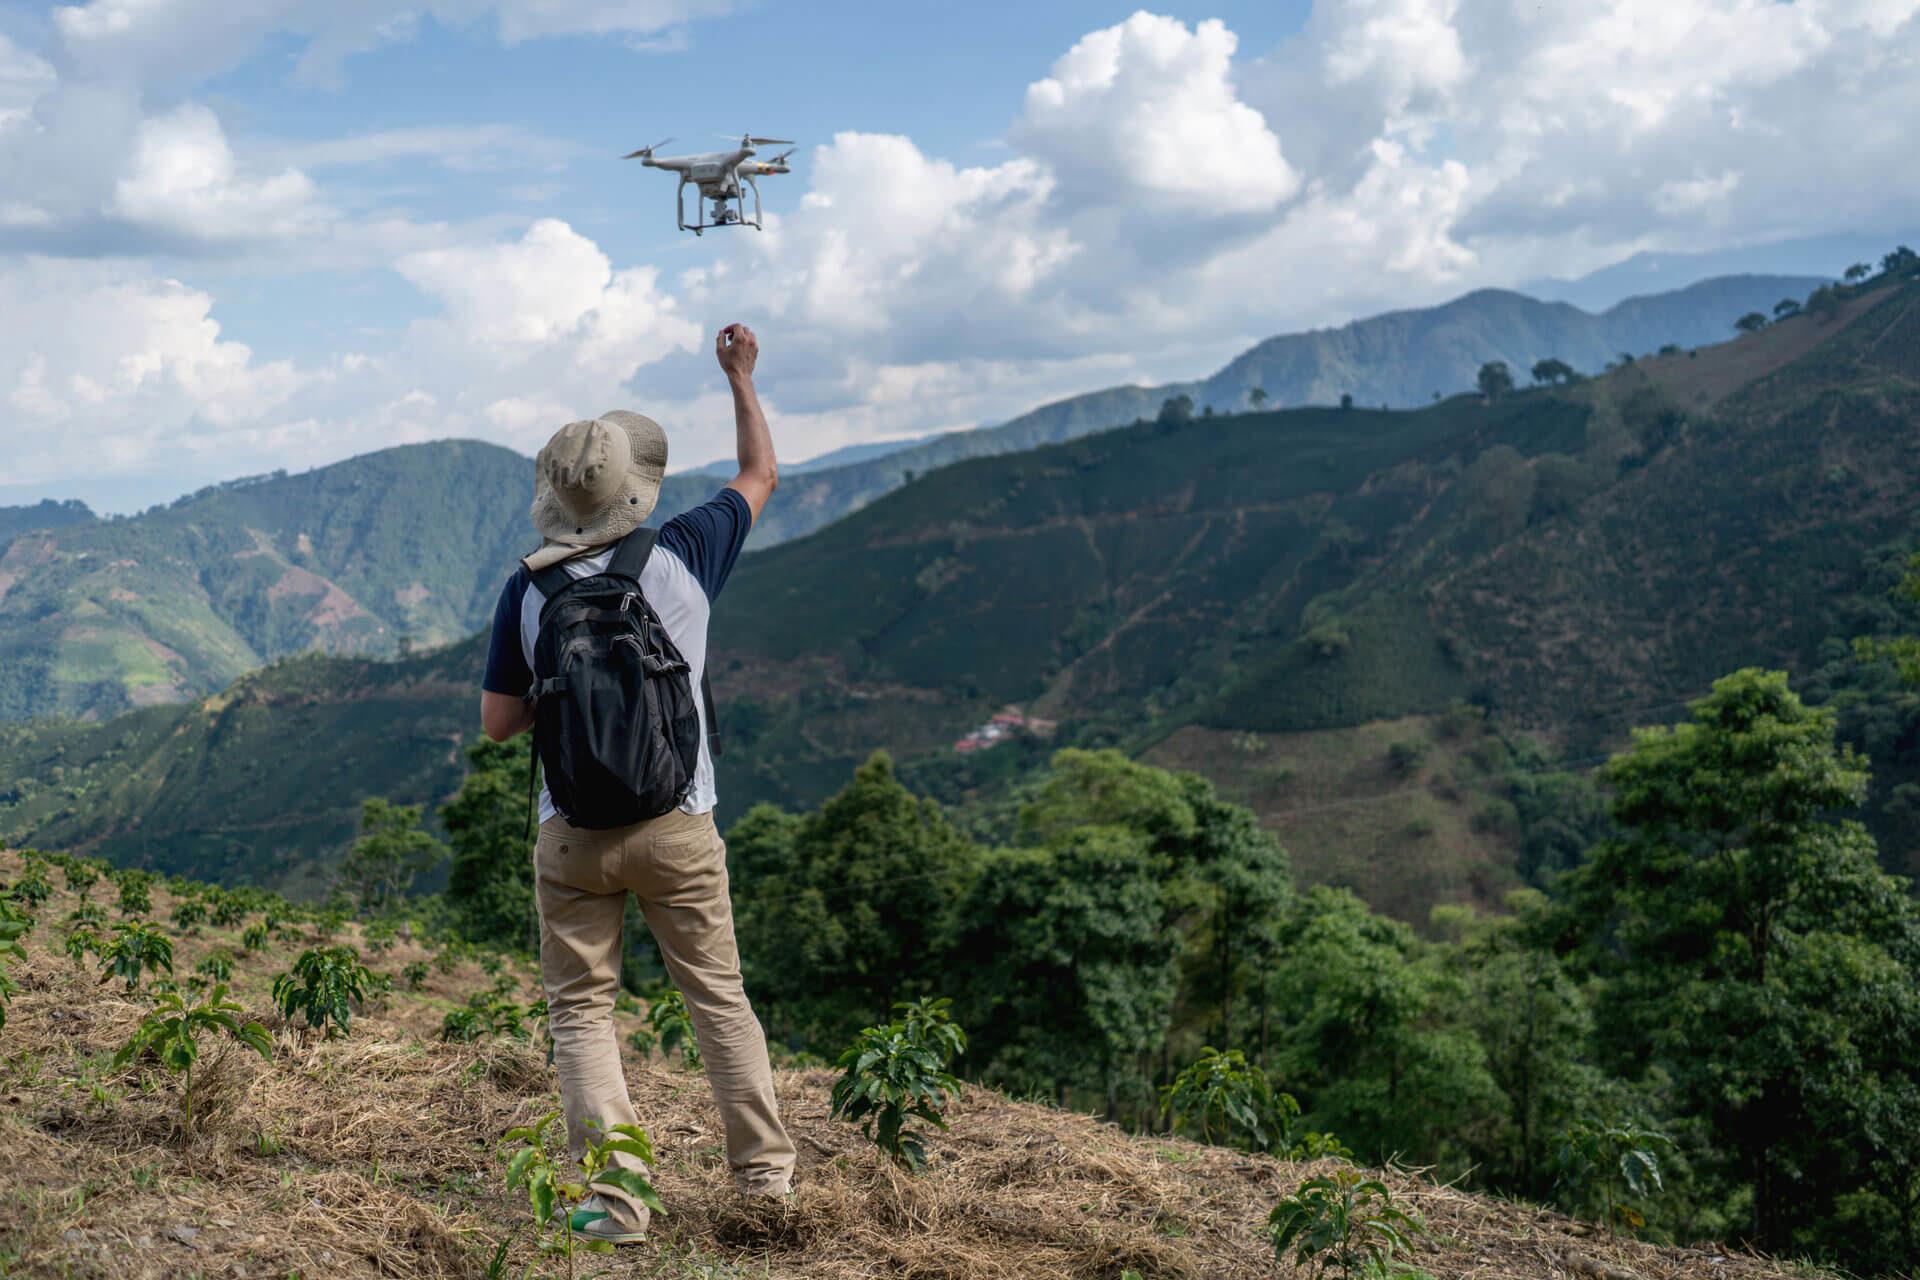 bbva-bosques-drones-aficion-dron-foto-paisaje-cuidado-medioambiente-naturaleza